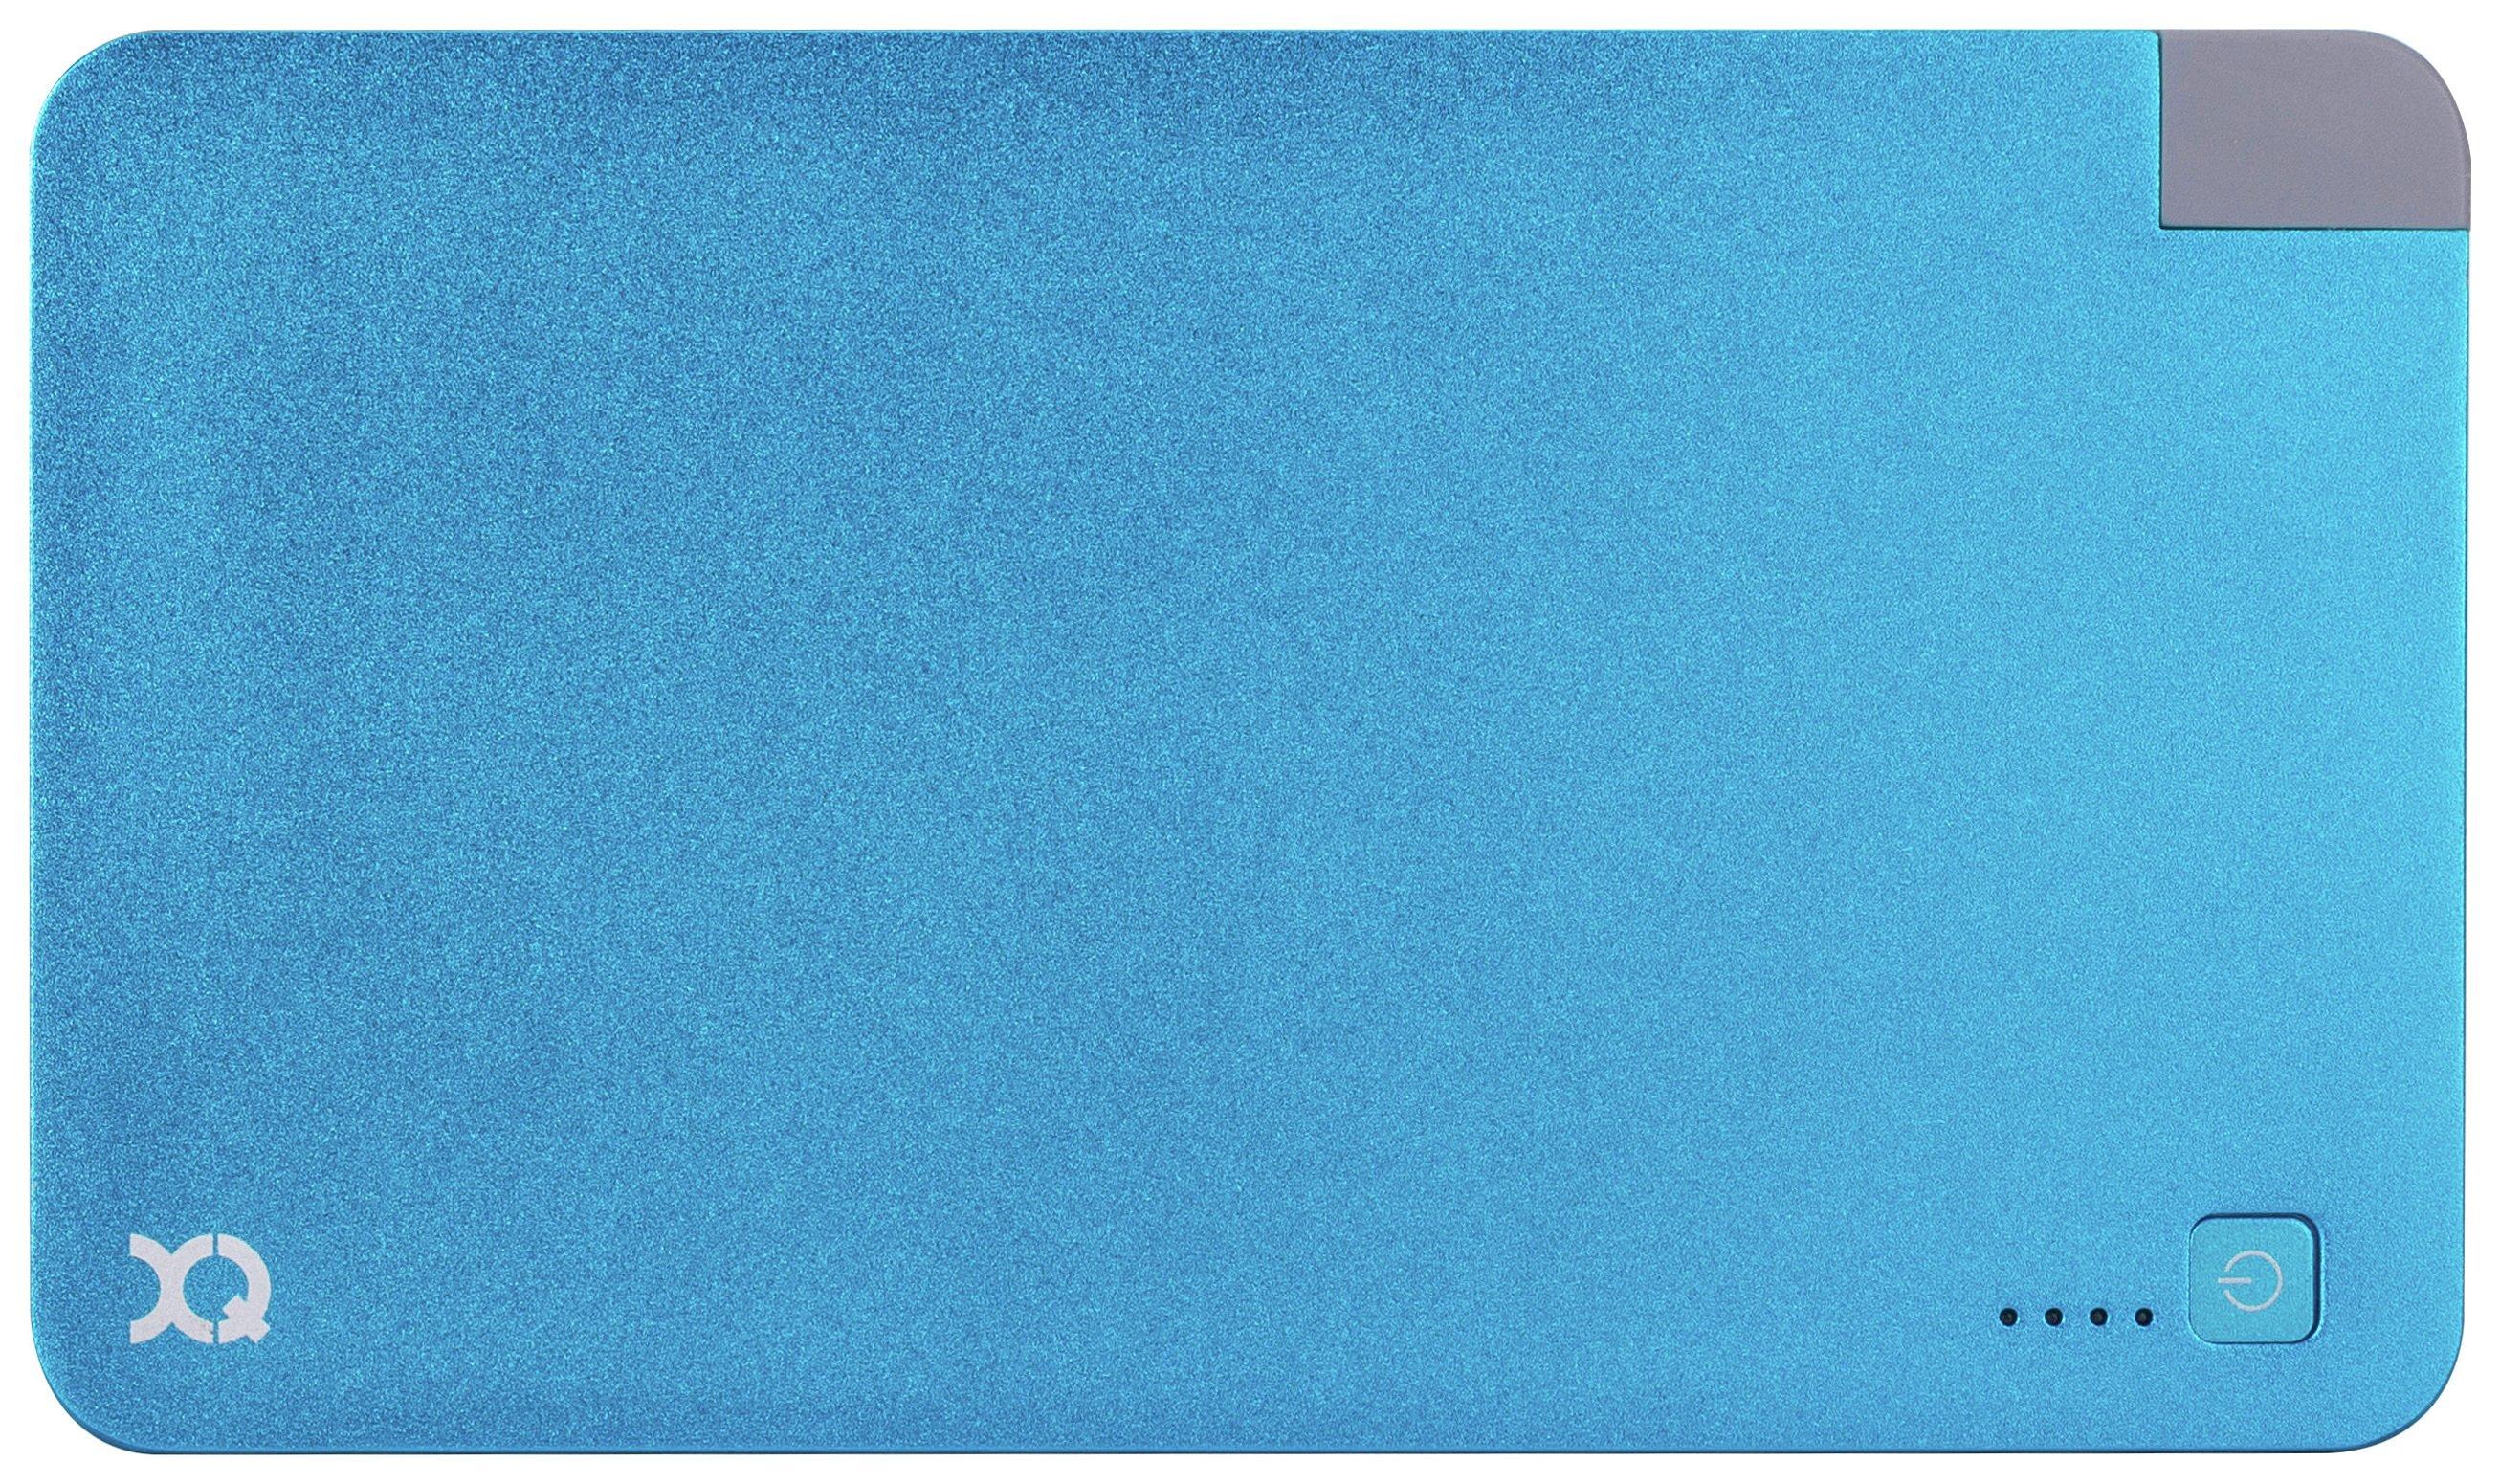 Xqisit Xqisit 5000mAh Power Bank - Blue.